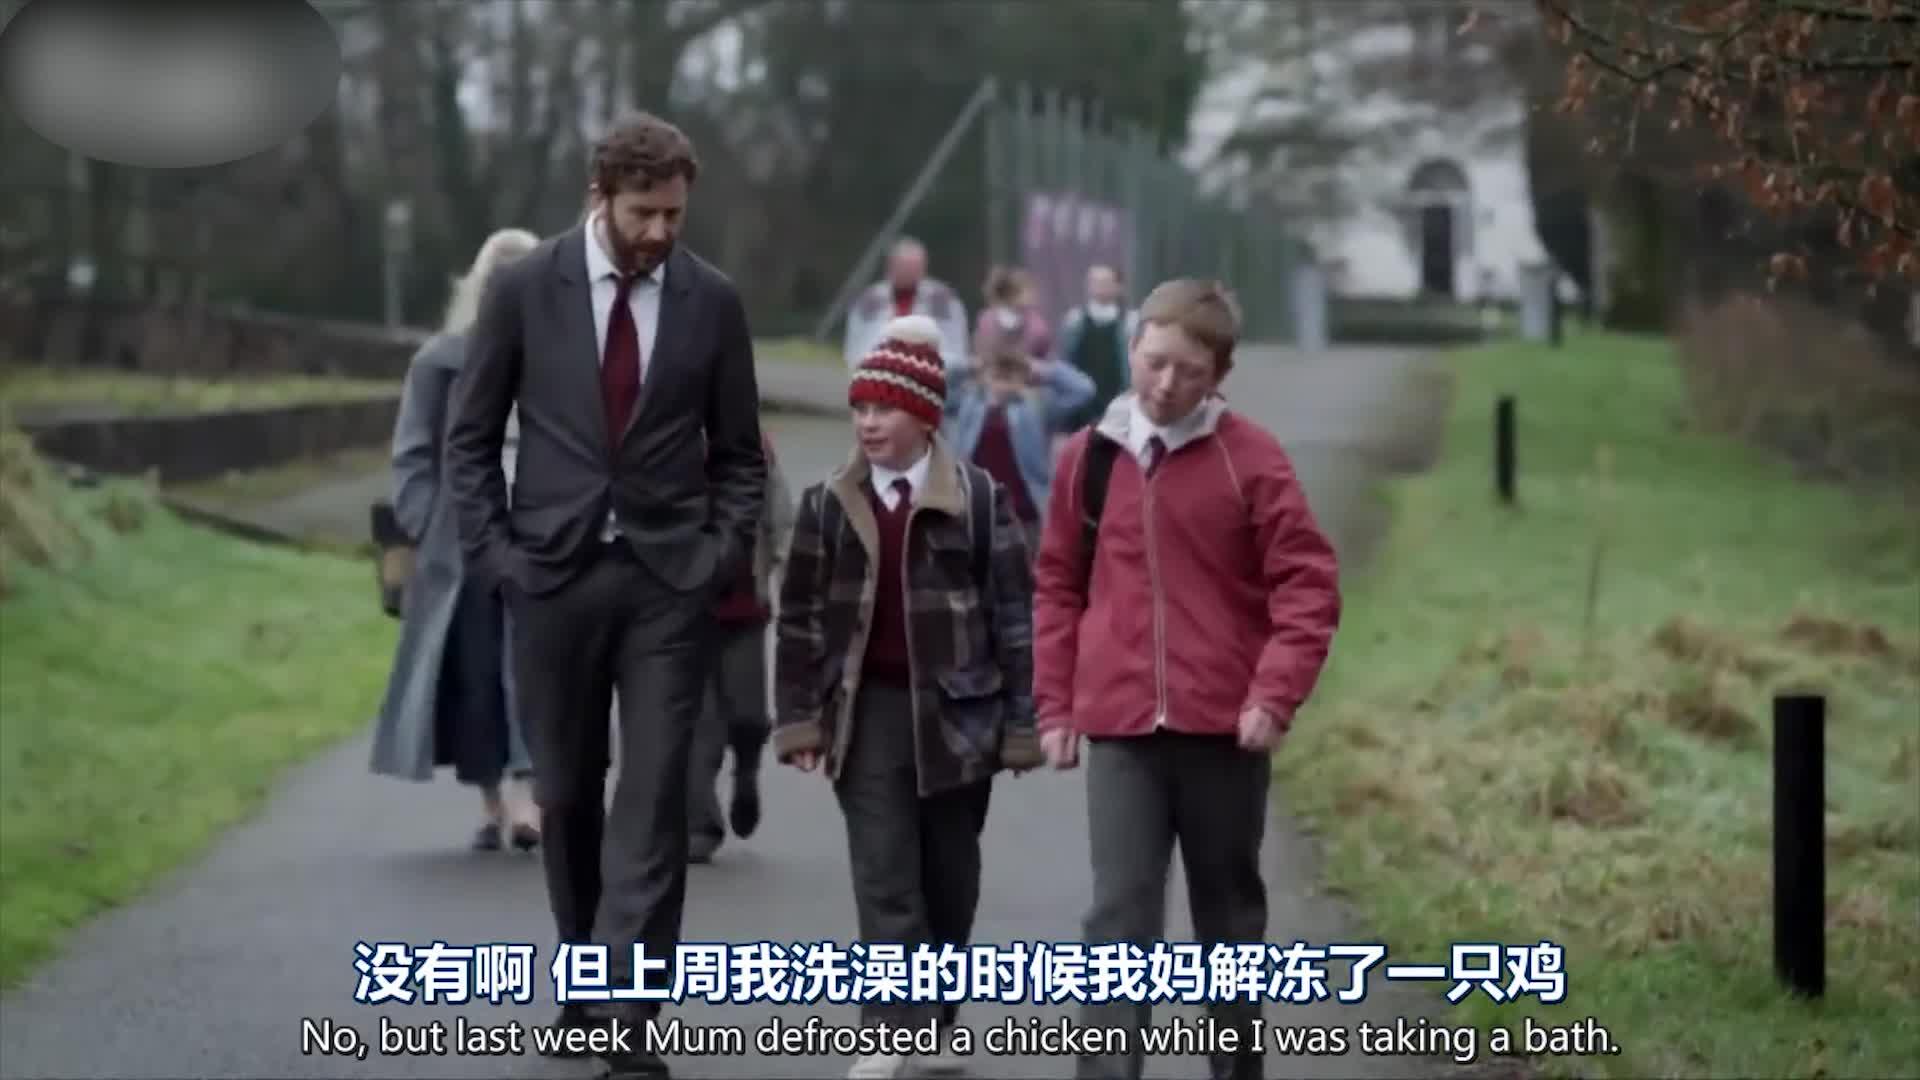 叔叔去接男孩,发现男孩还在玩幼稚游戏,传输他爱国思想